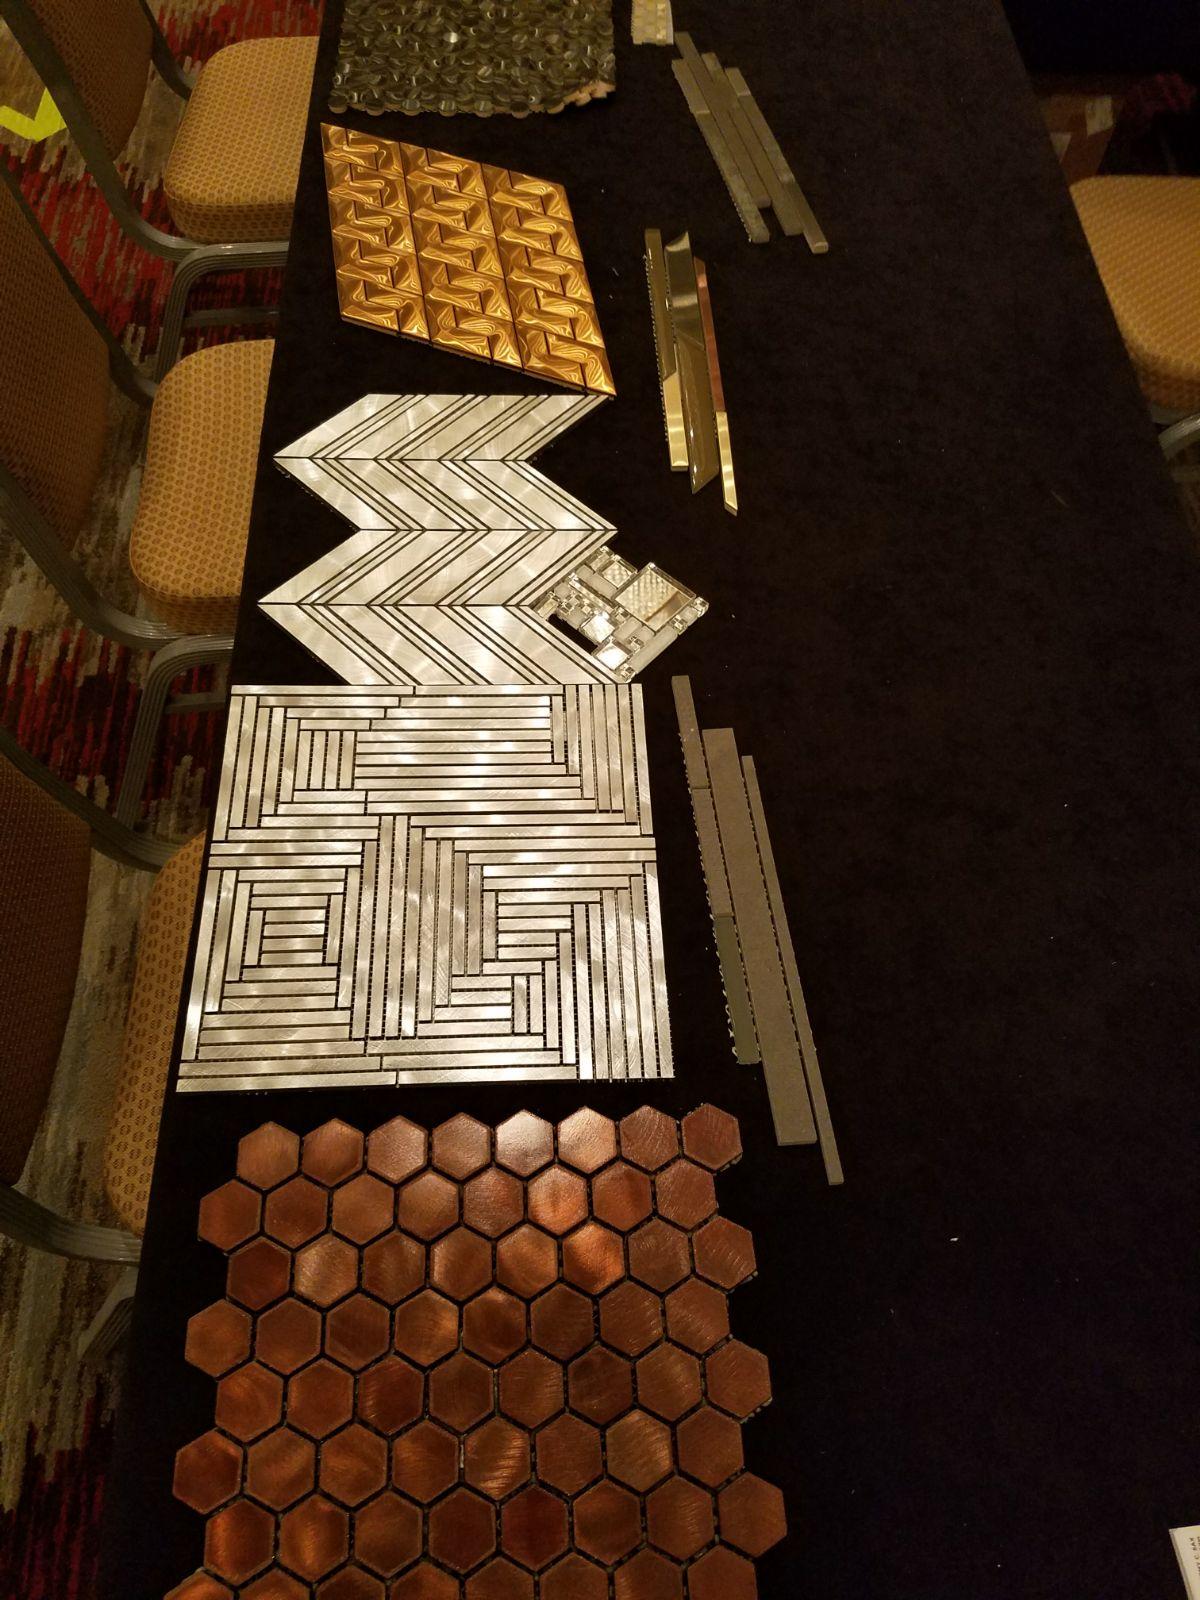 Daltile Materials